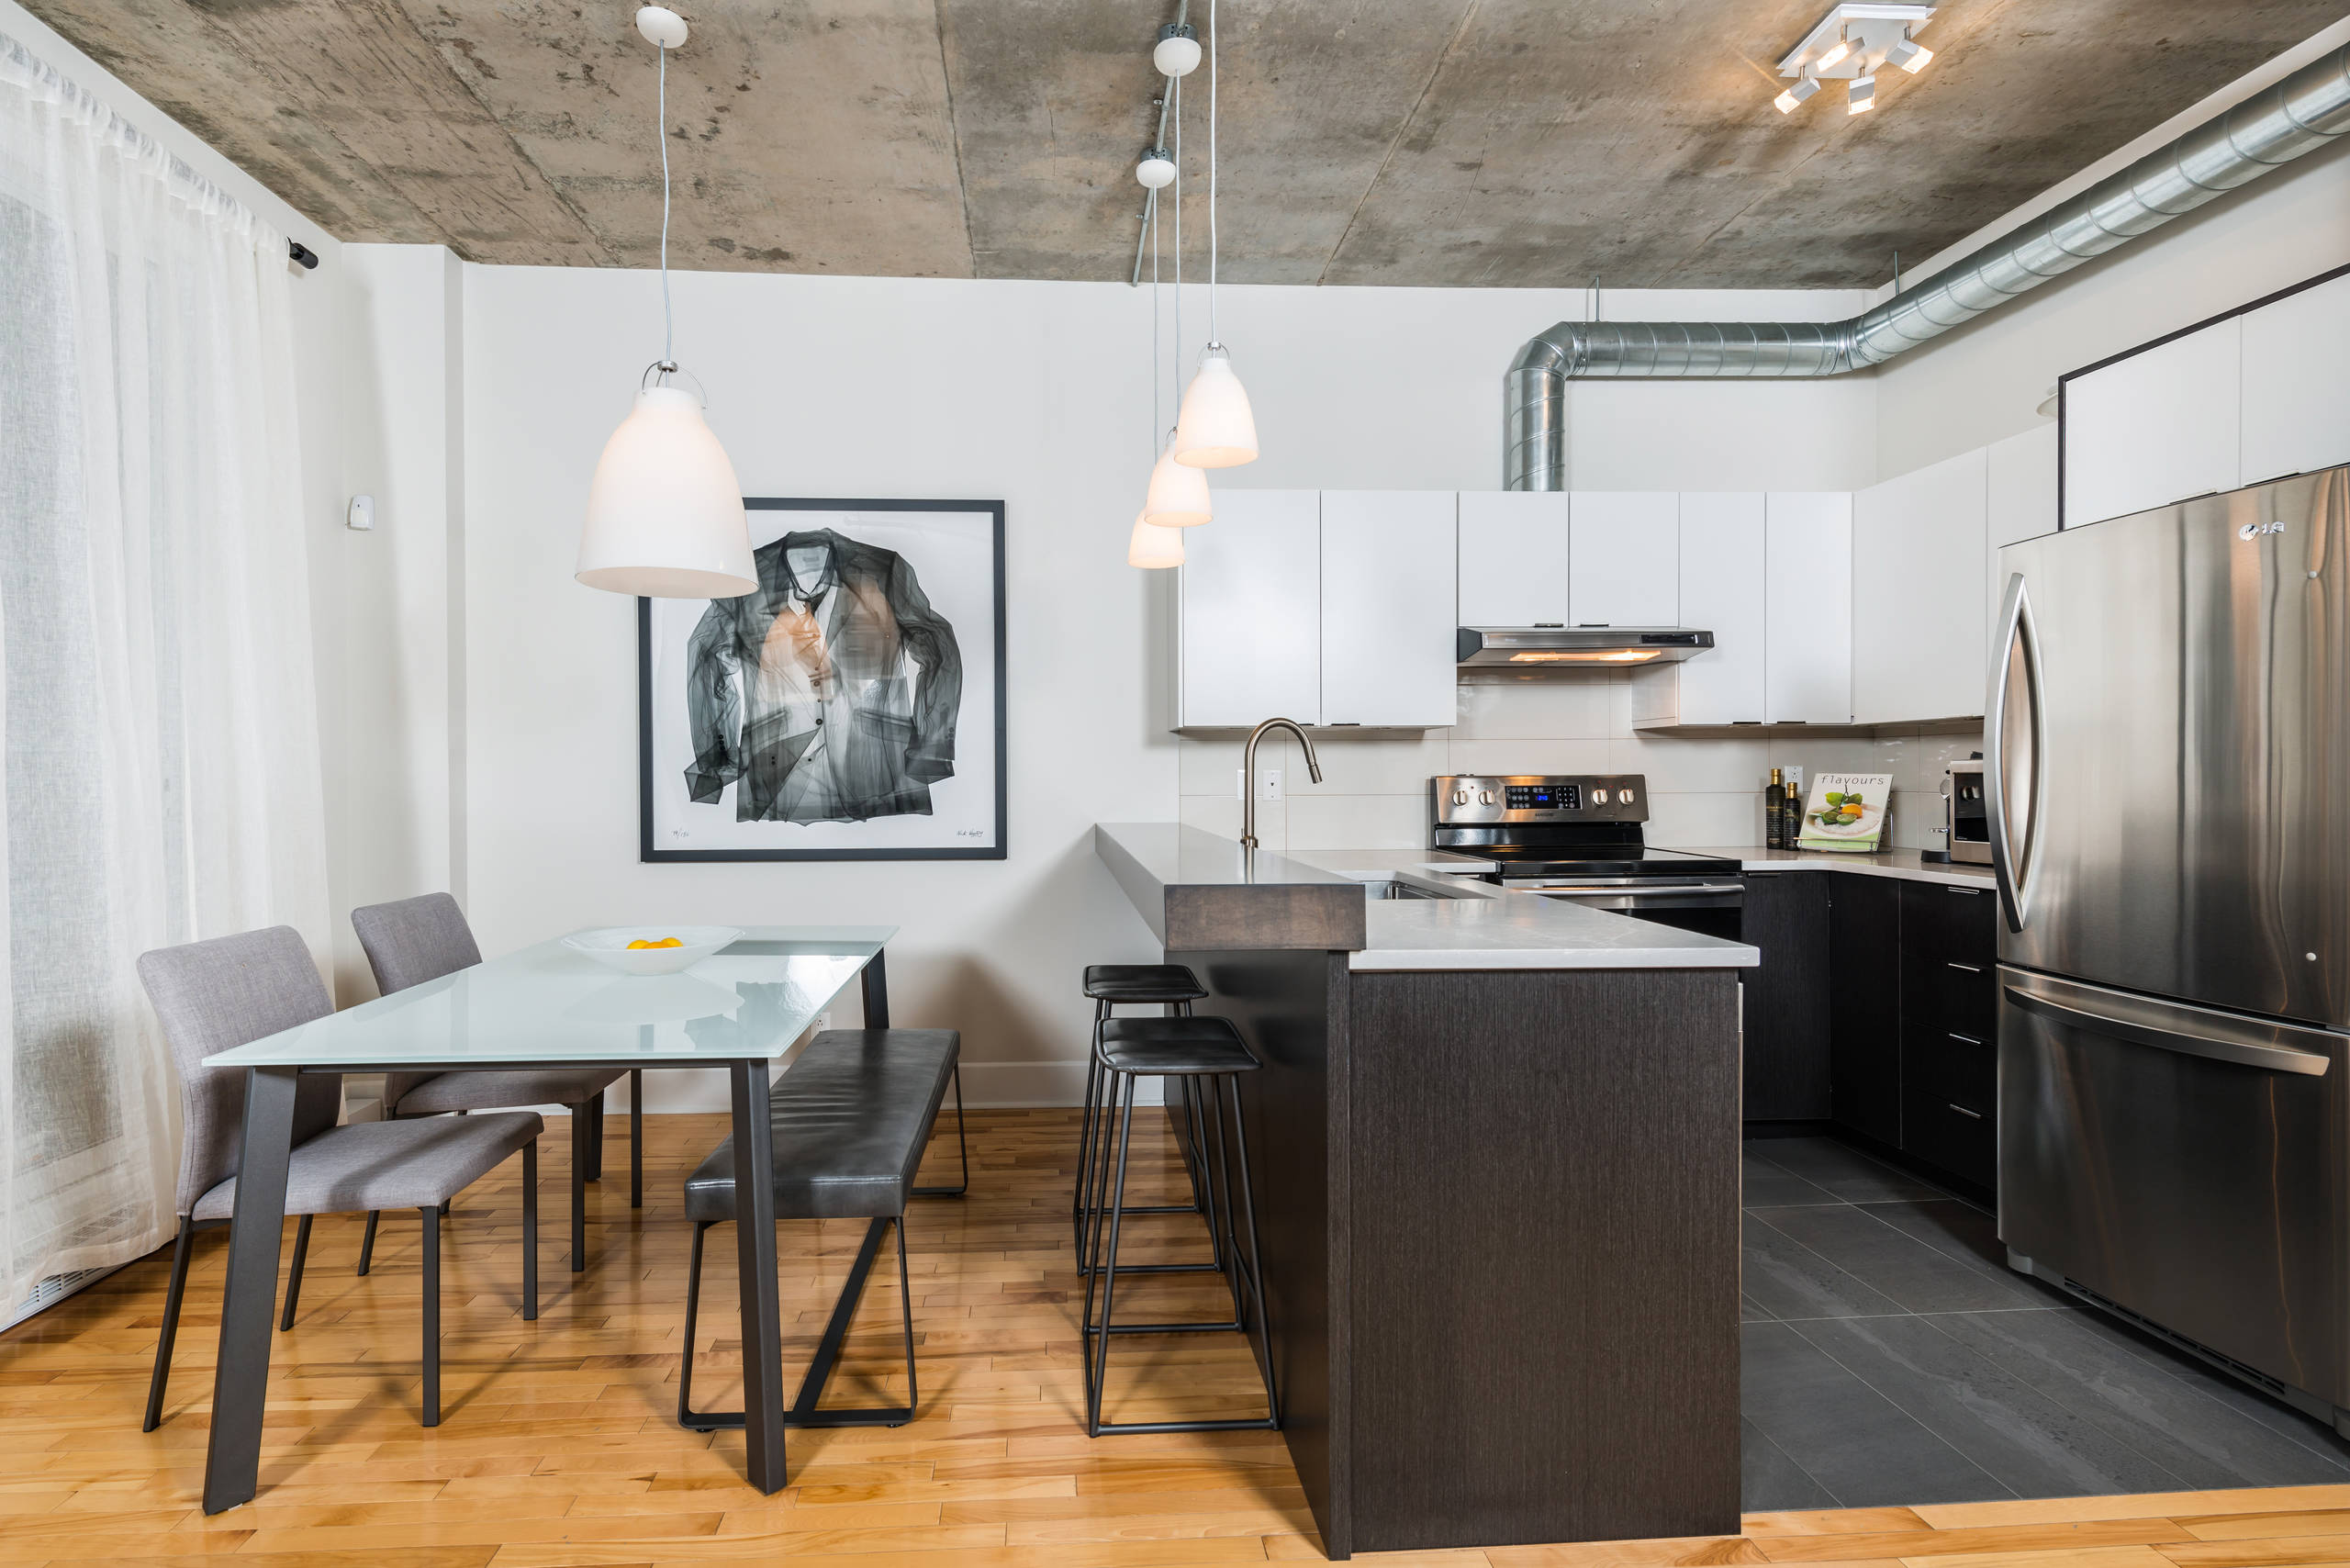 кухня студия в квартире идеи дизайна